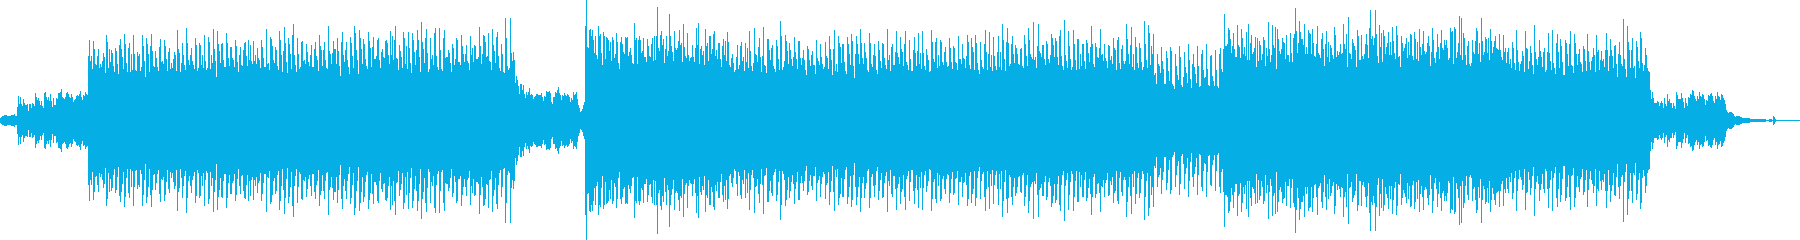 CMに お洒落なフォークポップ/EDMの再生済みの波形